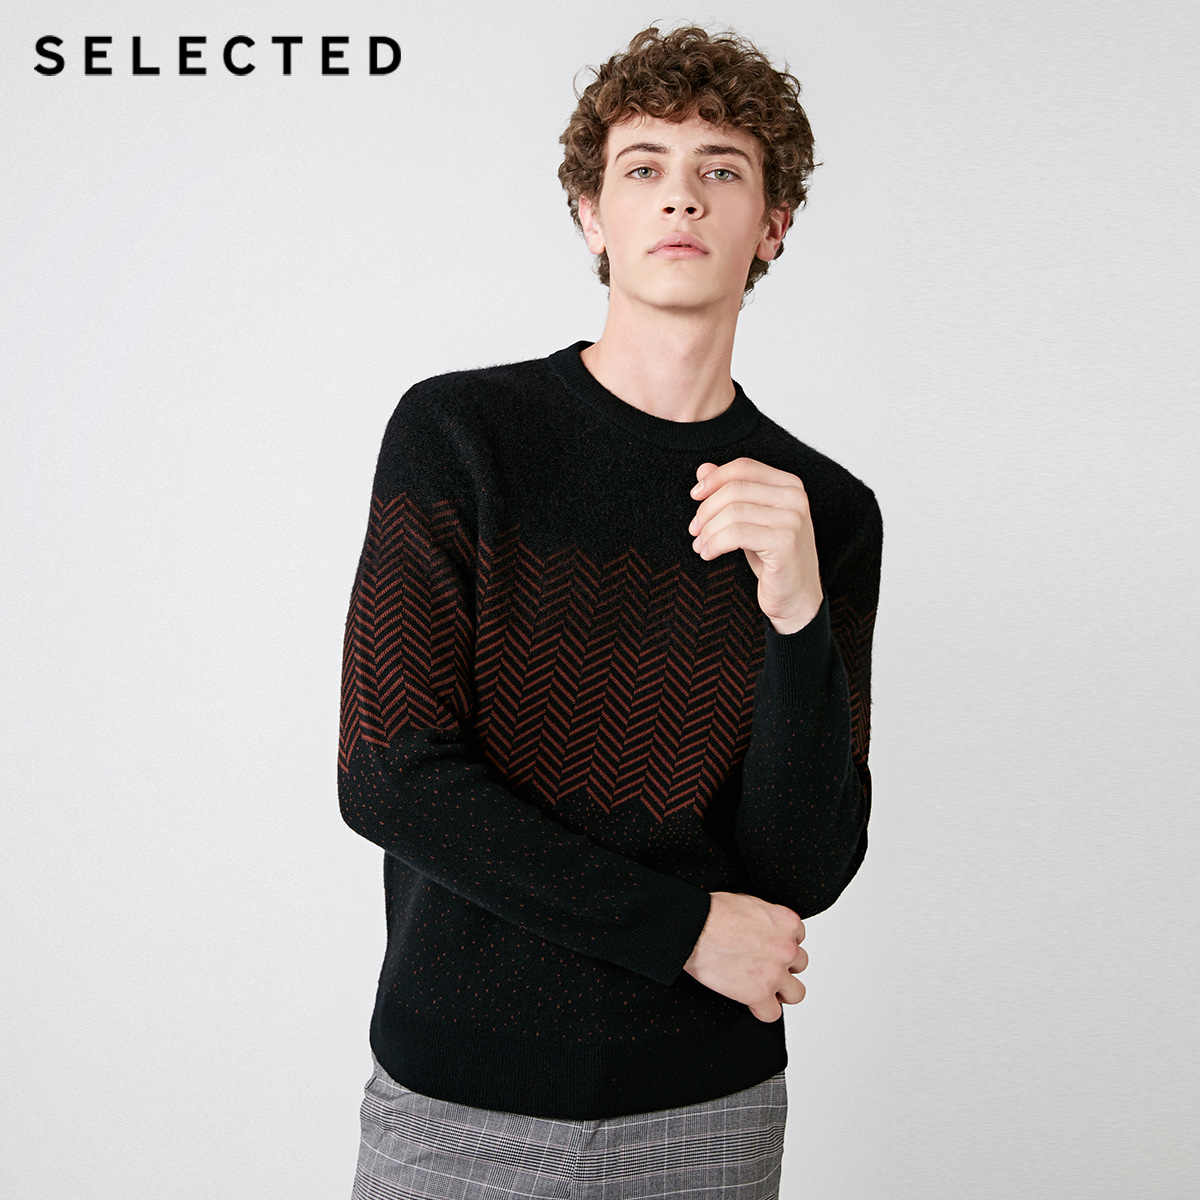 Выбранный осенне-зимний новый мужской шерстяной вязаный свитер с узором в елочку | 418425529